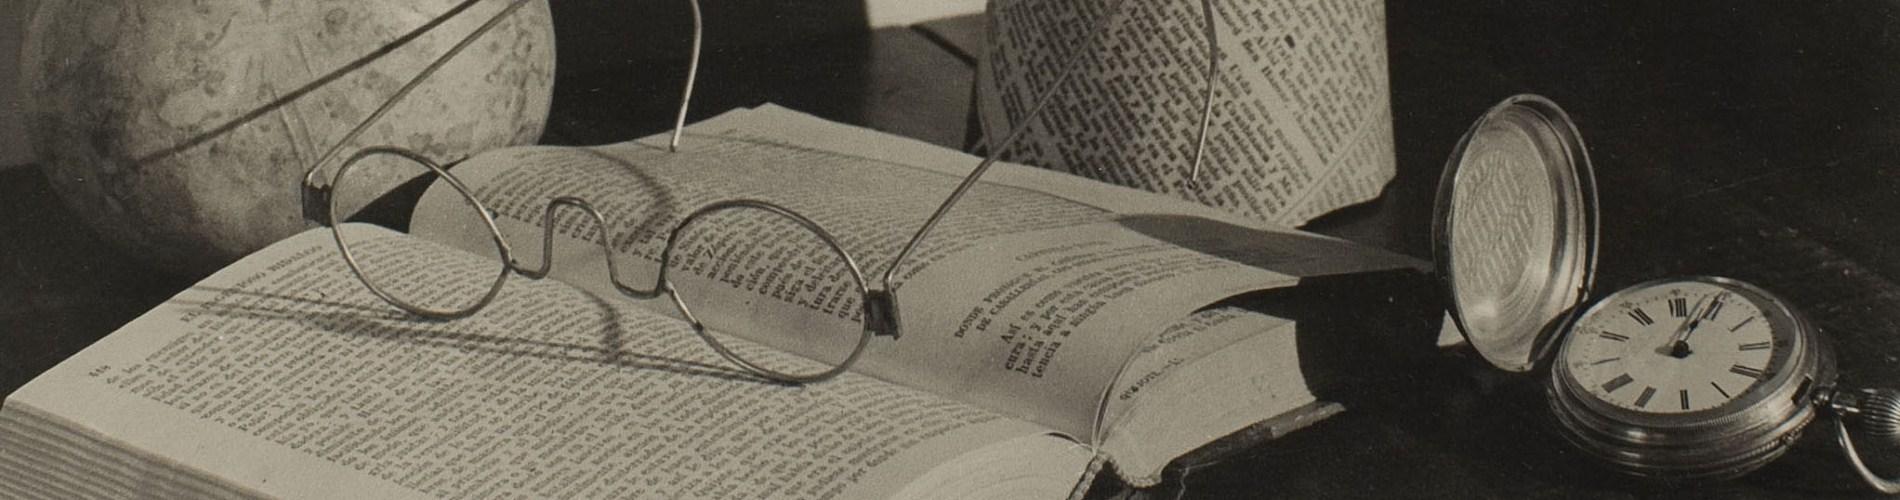 Emili Godes, Naturaleza muerta, hacia 1930